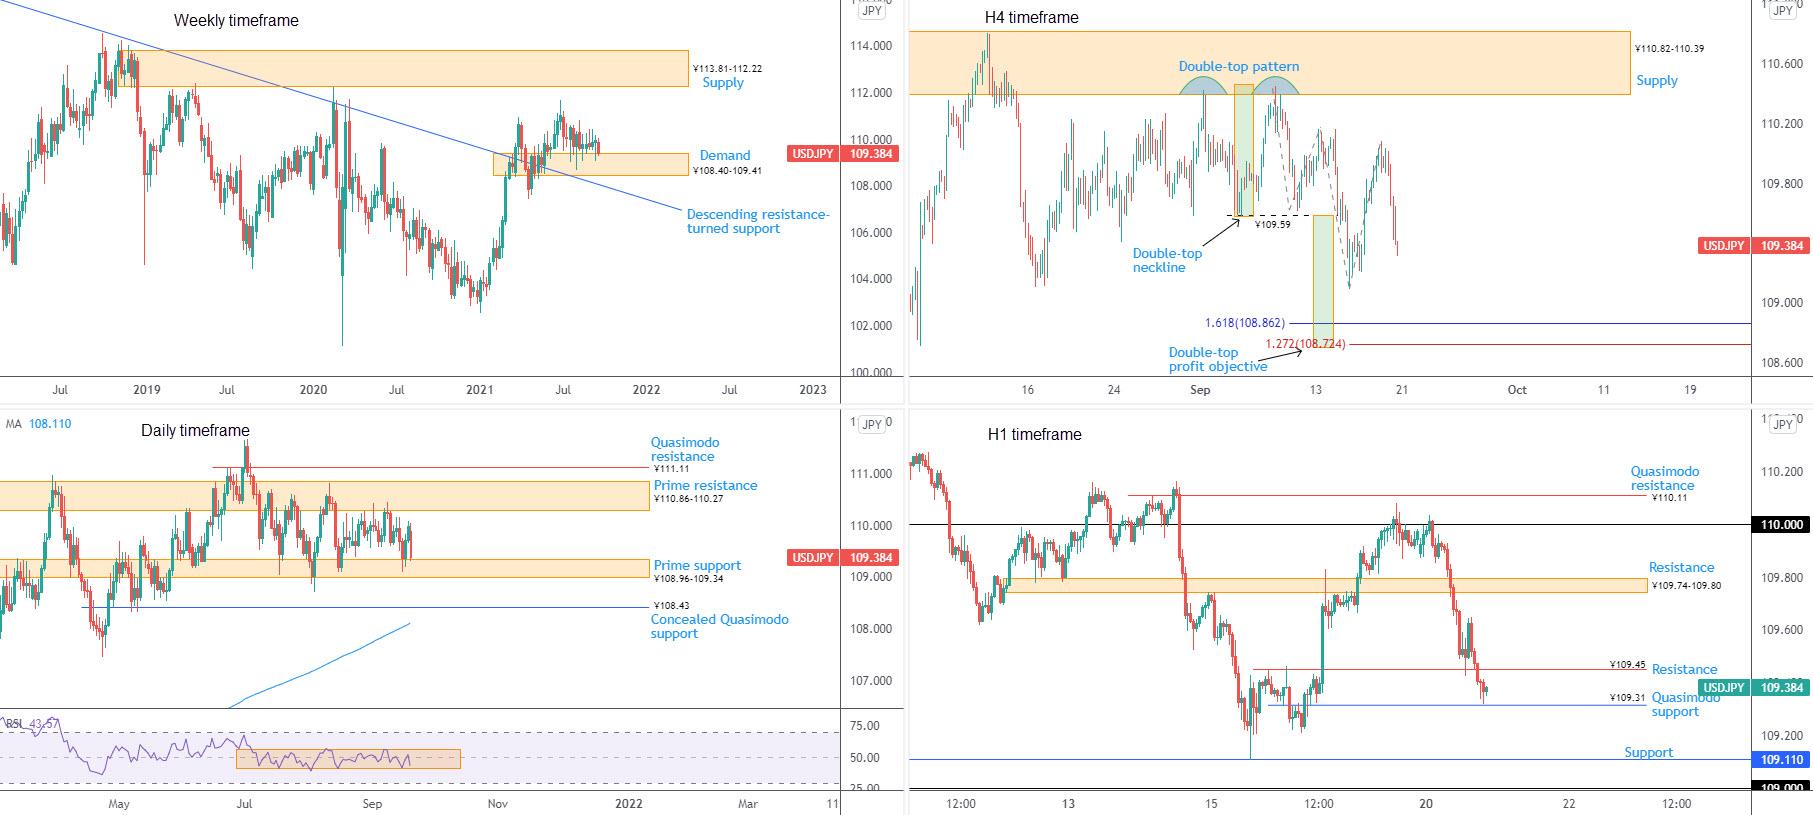 September 21st 2021: EUR/USD Eyes H1 Prime Resistance at $1.1767-1.1776 After $1.17 Support, FP Markets